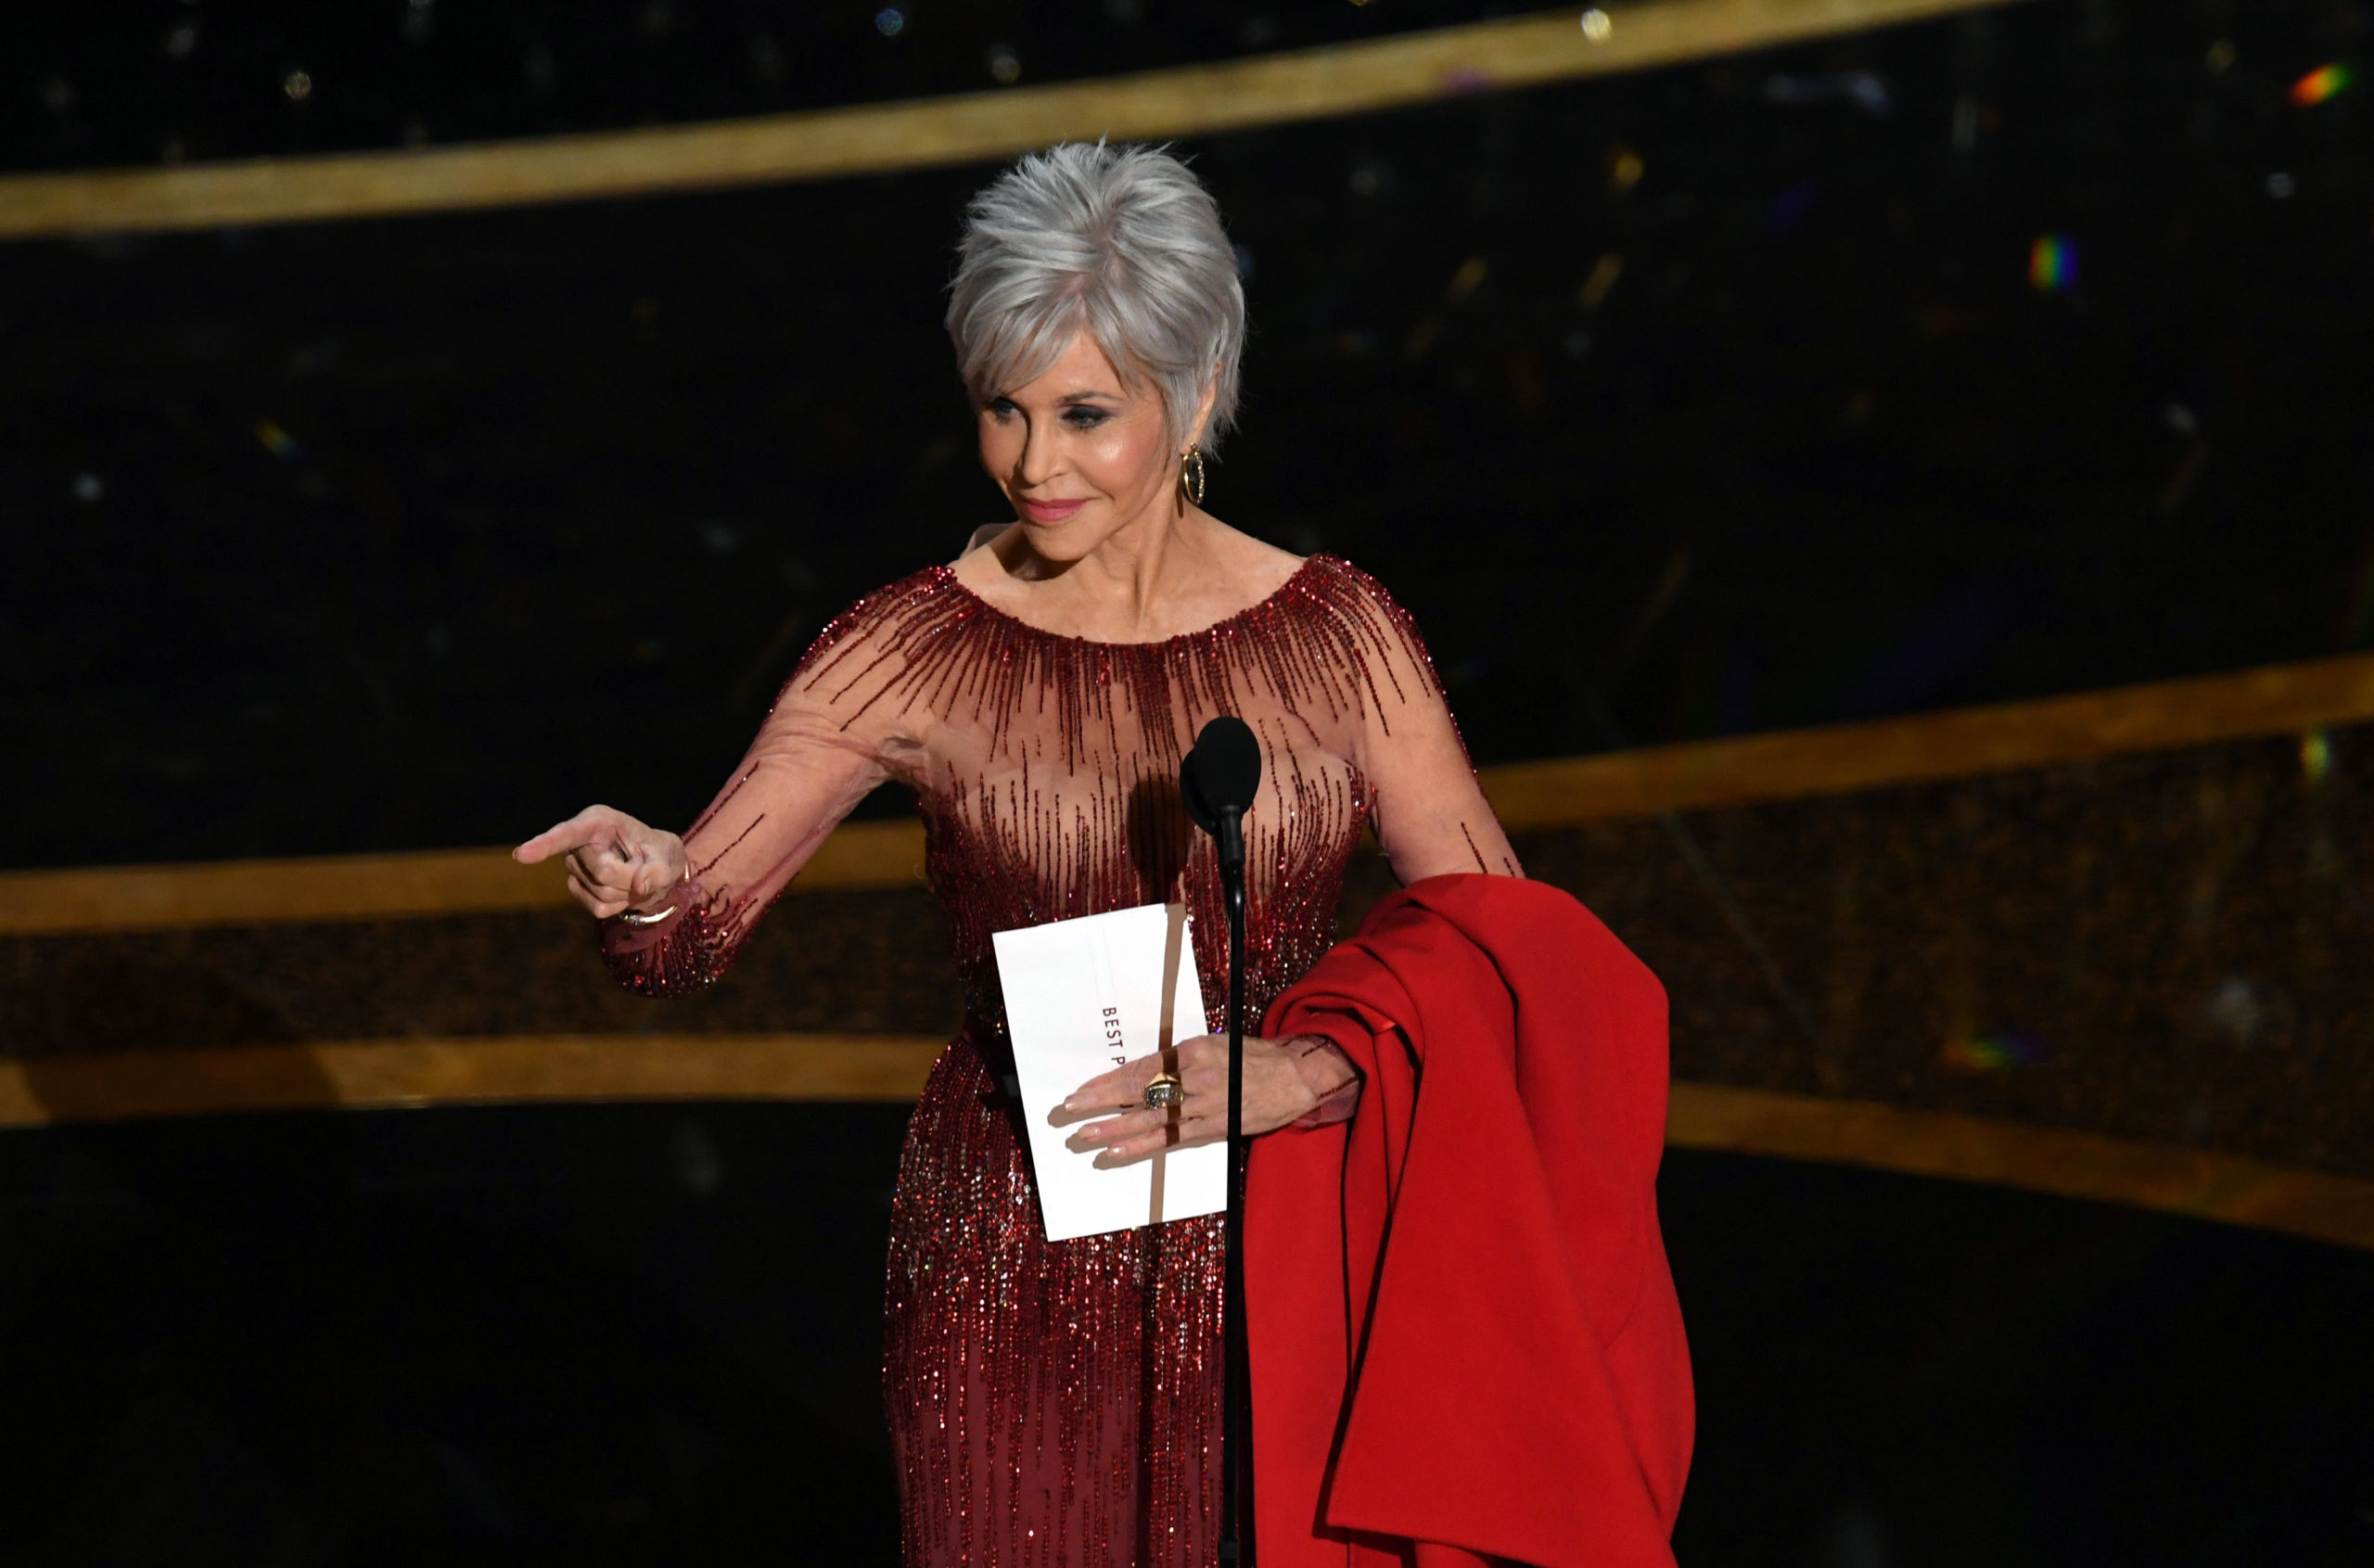 Jane Fonda agli Oscar 2020: abito riciclato e cappotto rosso